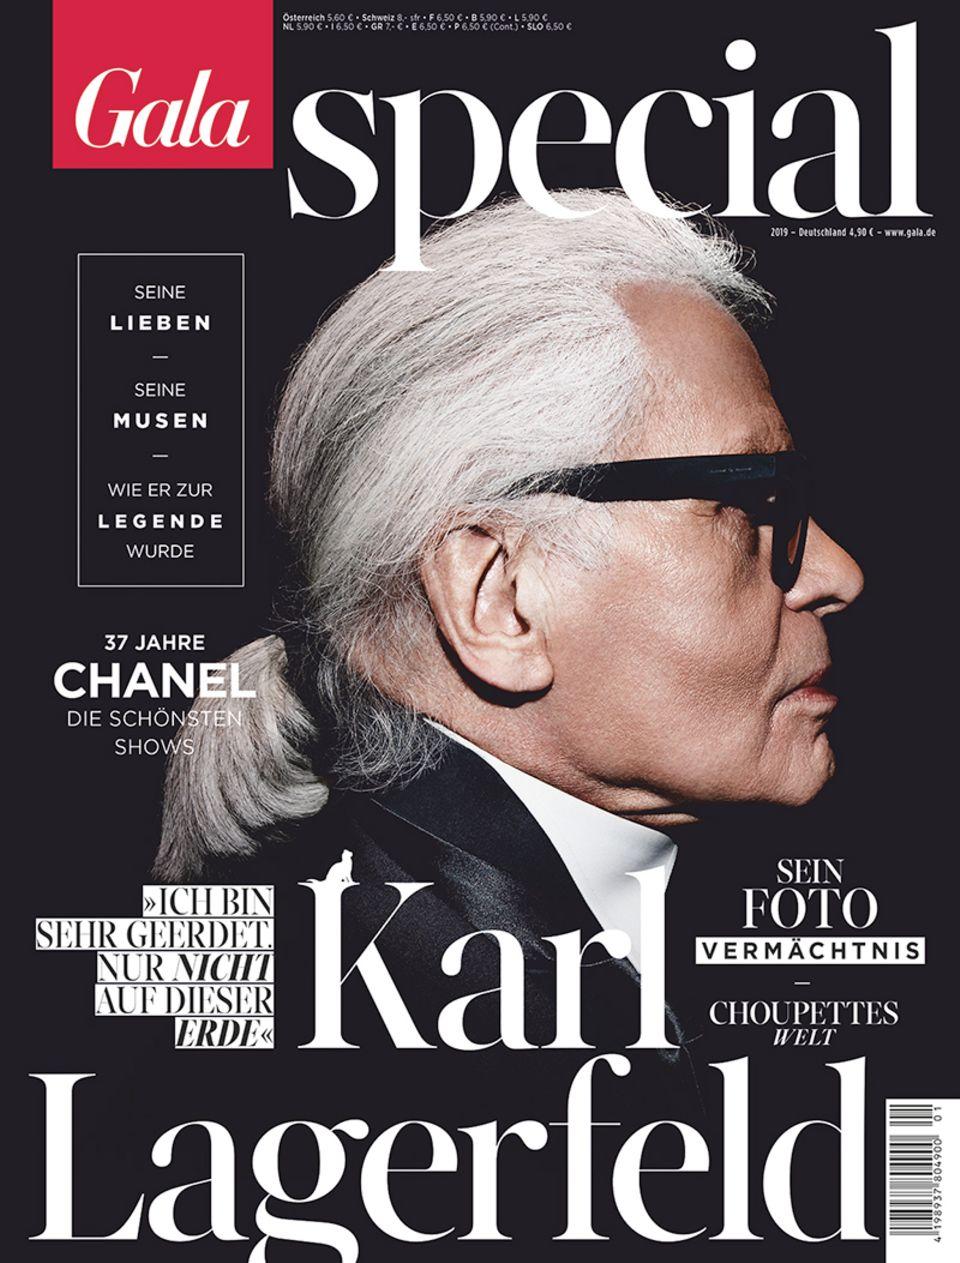 Das große Karl-Lagerfeld-Special von GALA gibt es ab Samstag (22. Februar) am Kiosk oder schon jetzt als ePaper (iOs oder Android)